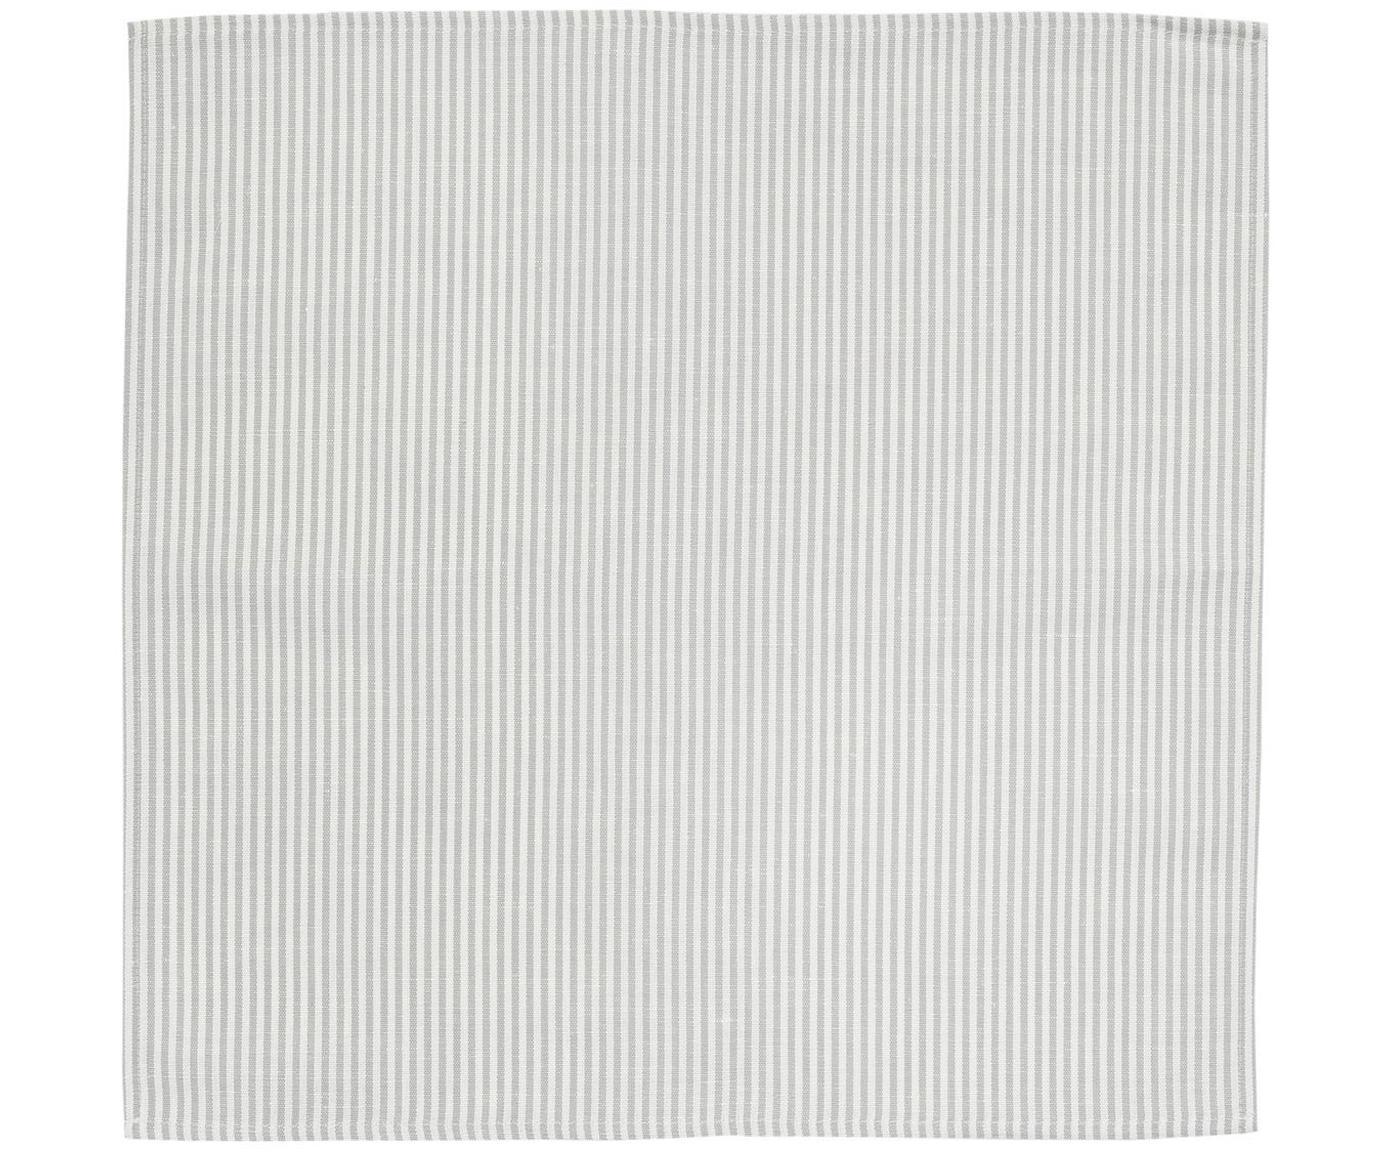 Stoff-Servietten Streifen aus Halbleinen, 6 Stück, Weiss, Grau, 45 x 45 cm